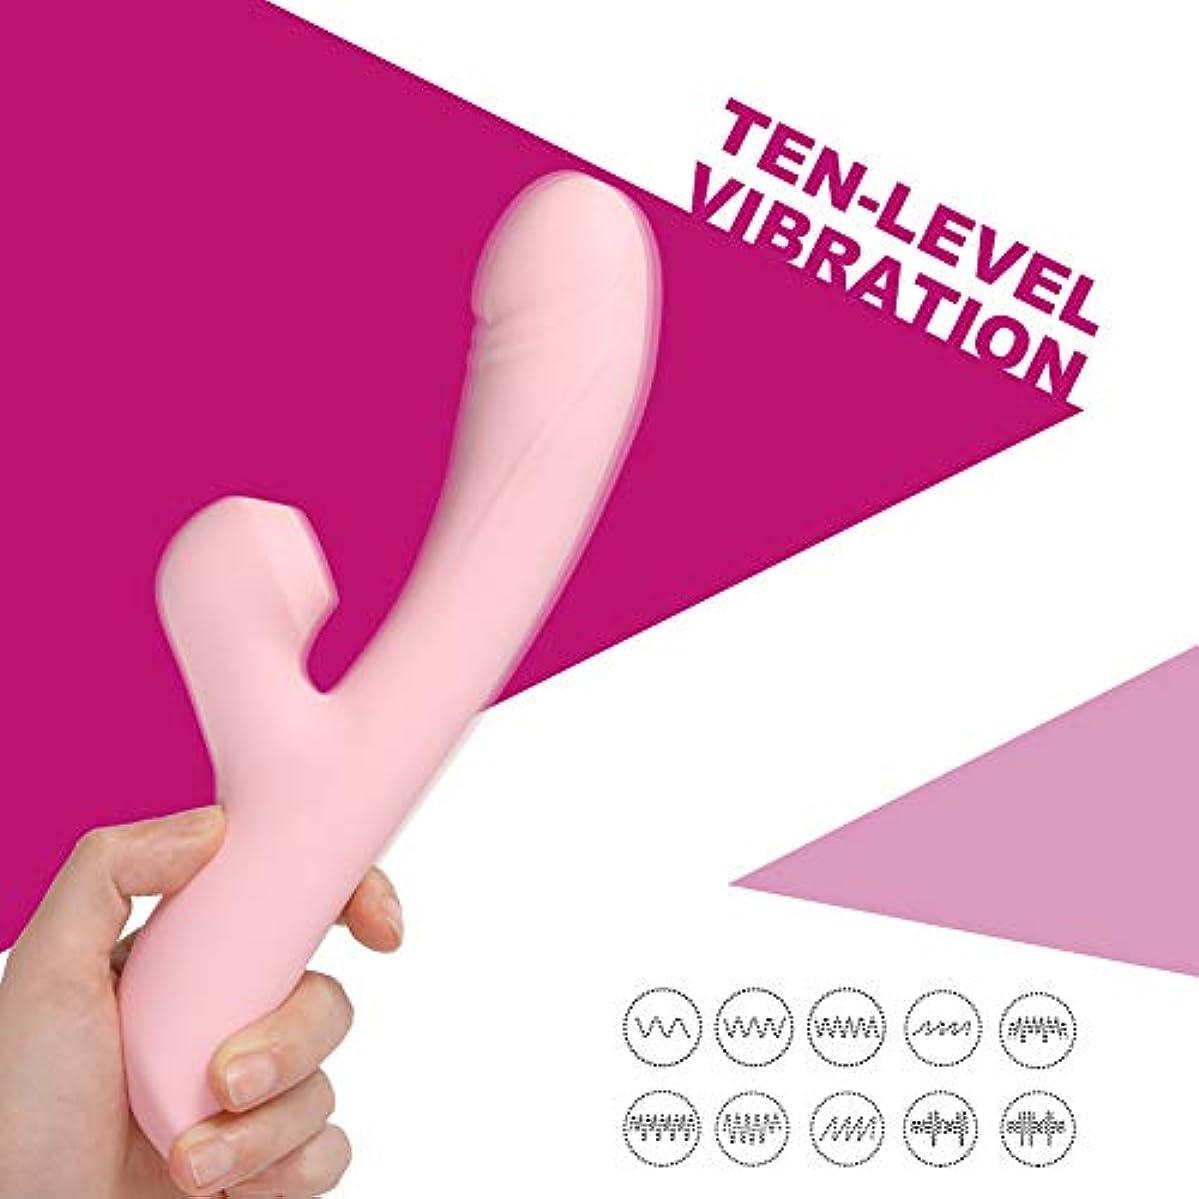 劇作家印象的紳士気取りの、きざなオイル セルライト バイブレーターUSB充電式 AVマジック ワンドバイブレーター マッサージャー 大人のおもちゃ女性用 10スピード電動マッサージ器 42度加熱 自由に曲げられる (ピンク色)